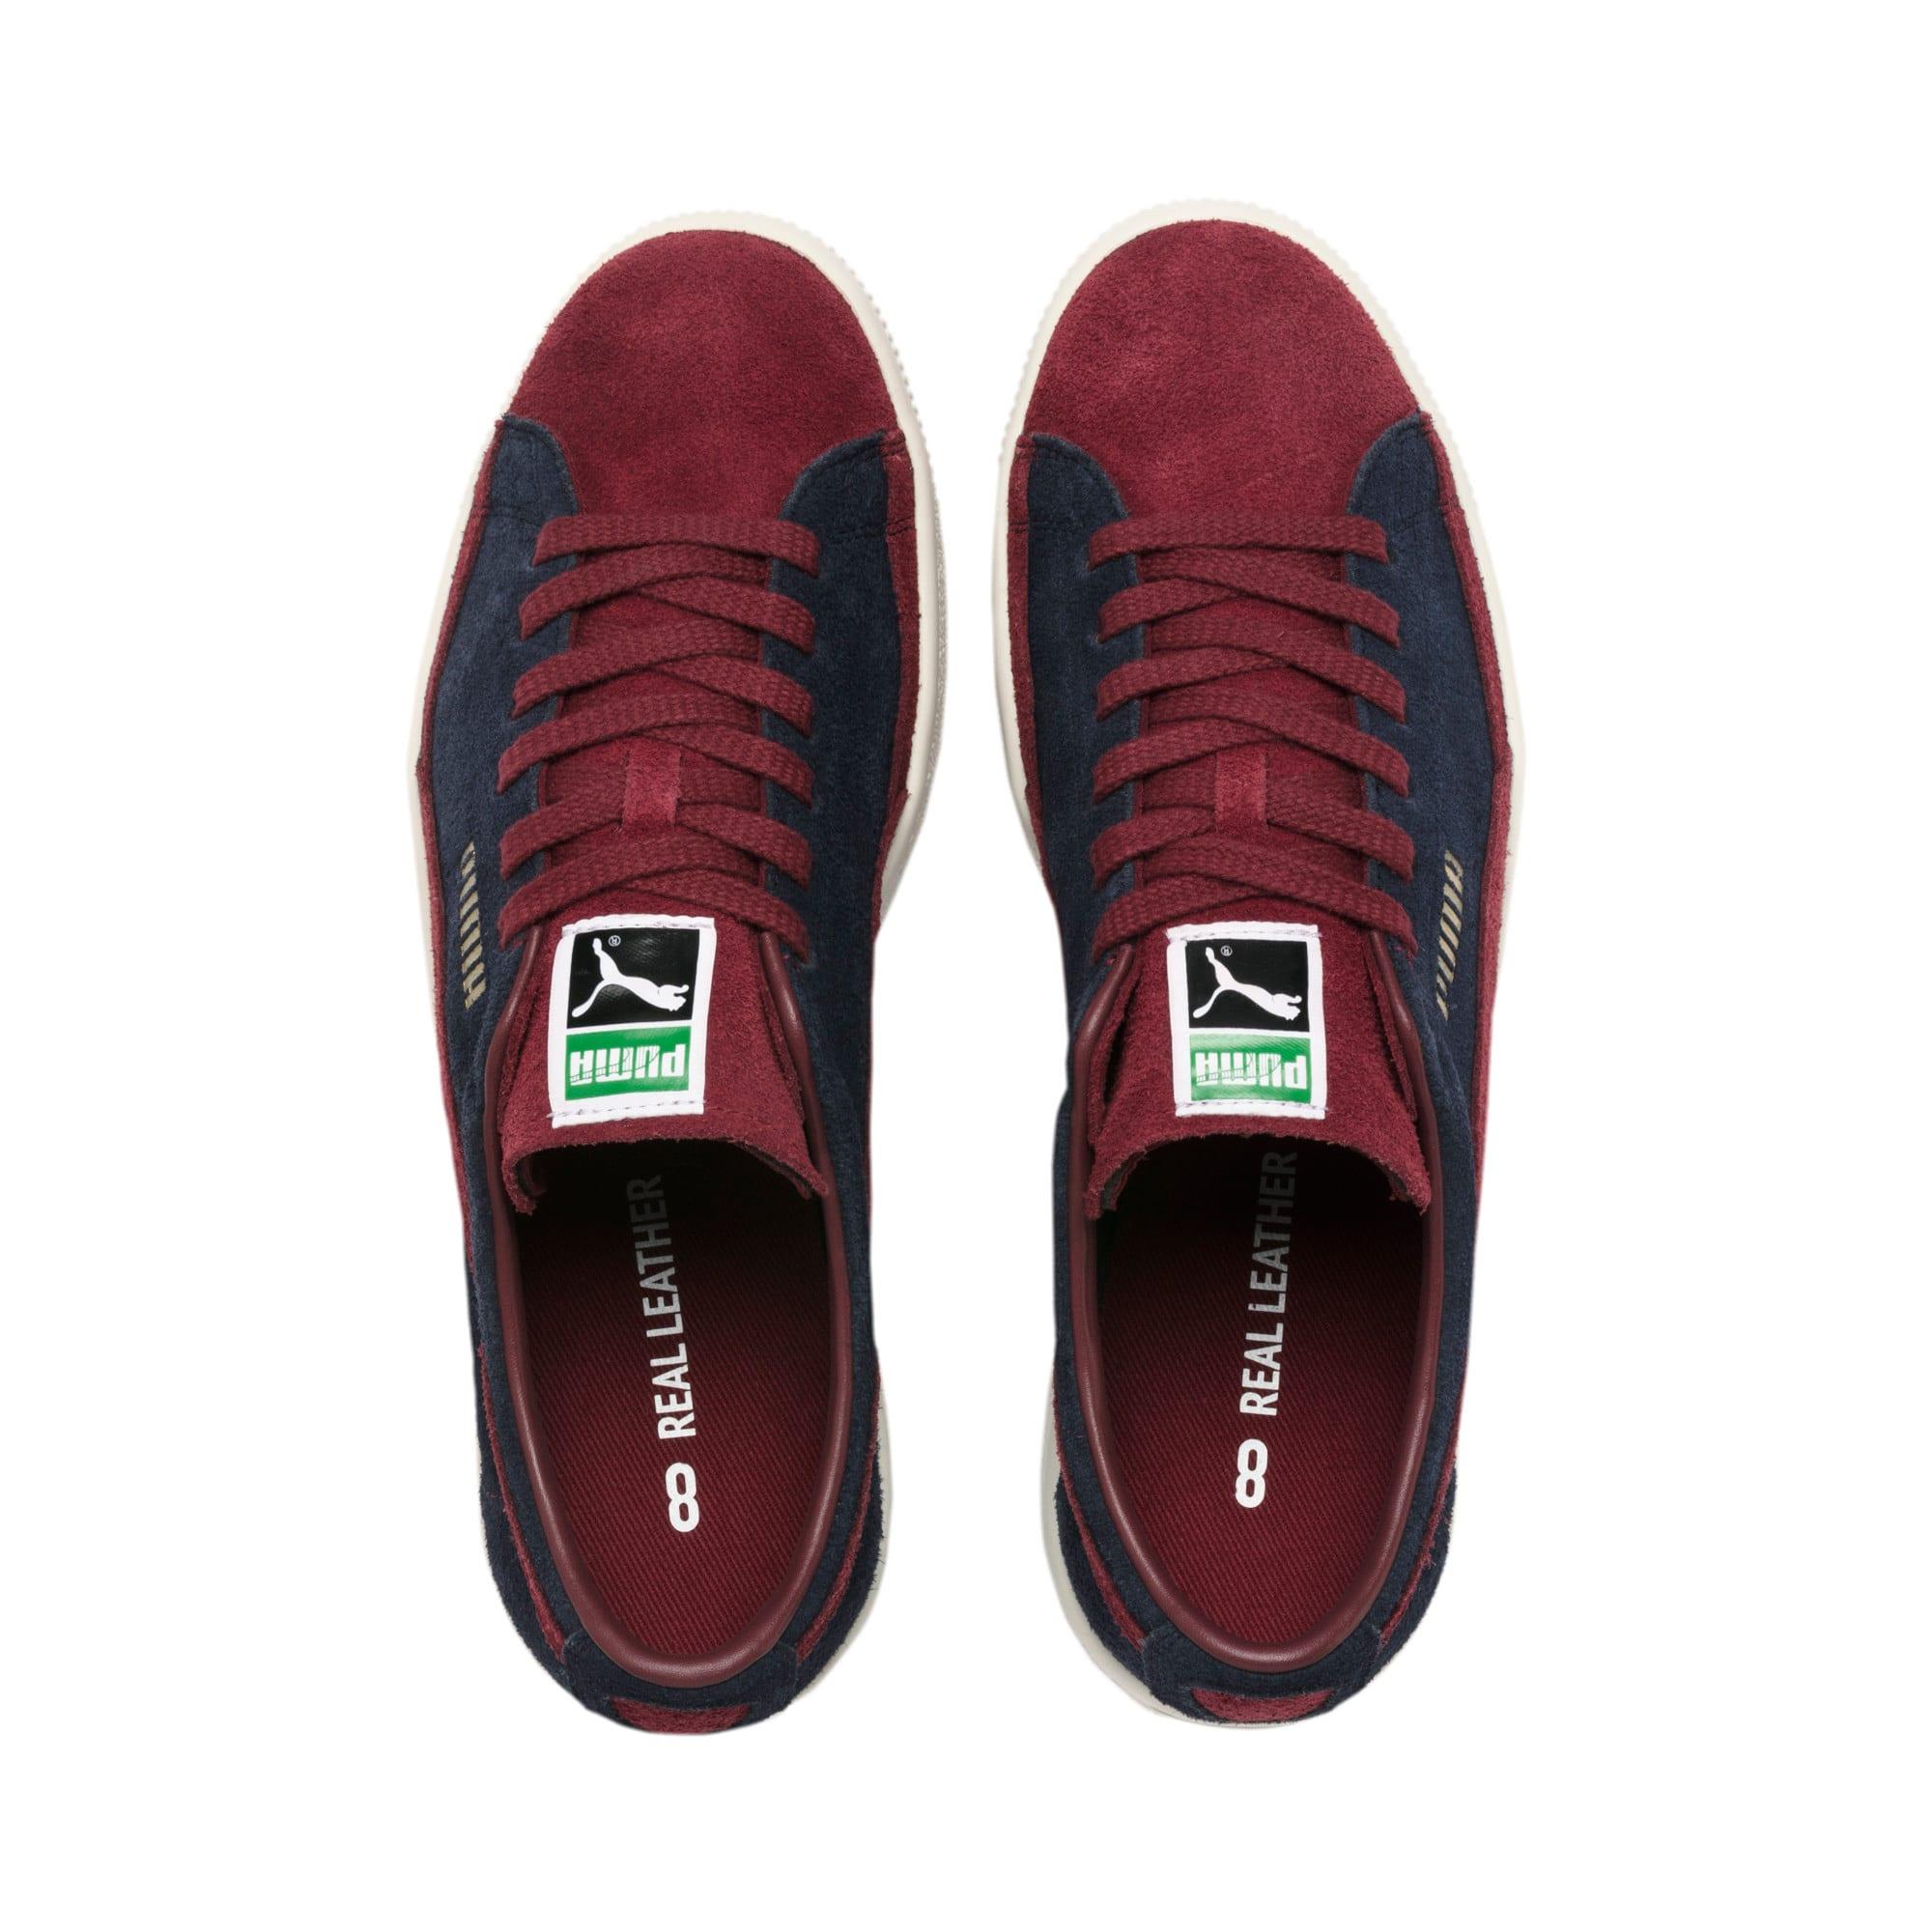 Thumbnail 7 of Suede 90681 Vintage Sneakers, Peacoat-Rhubarb, medium